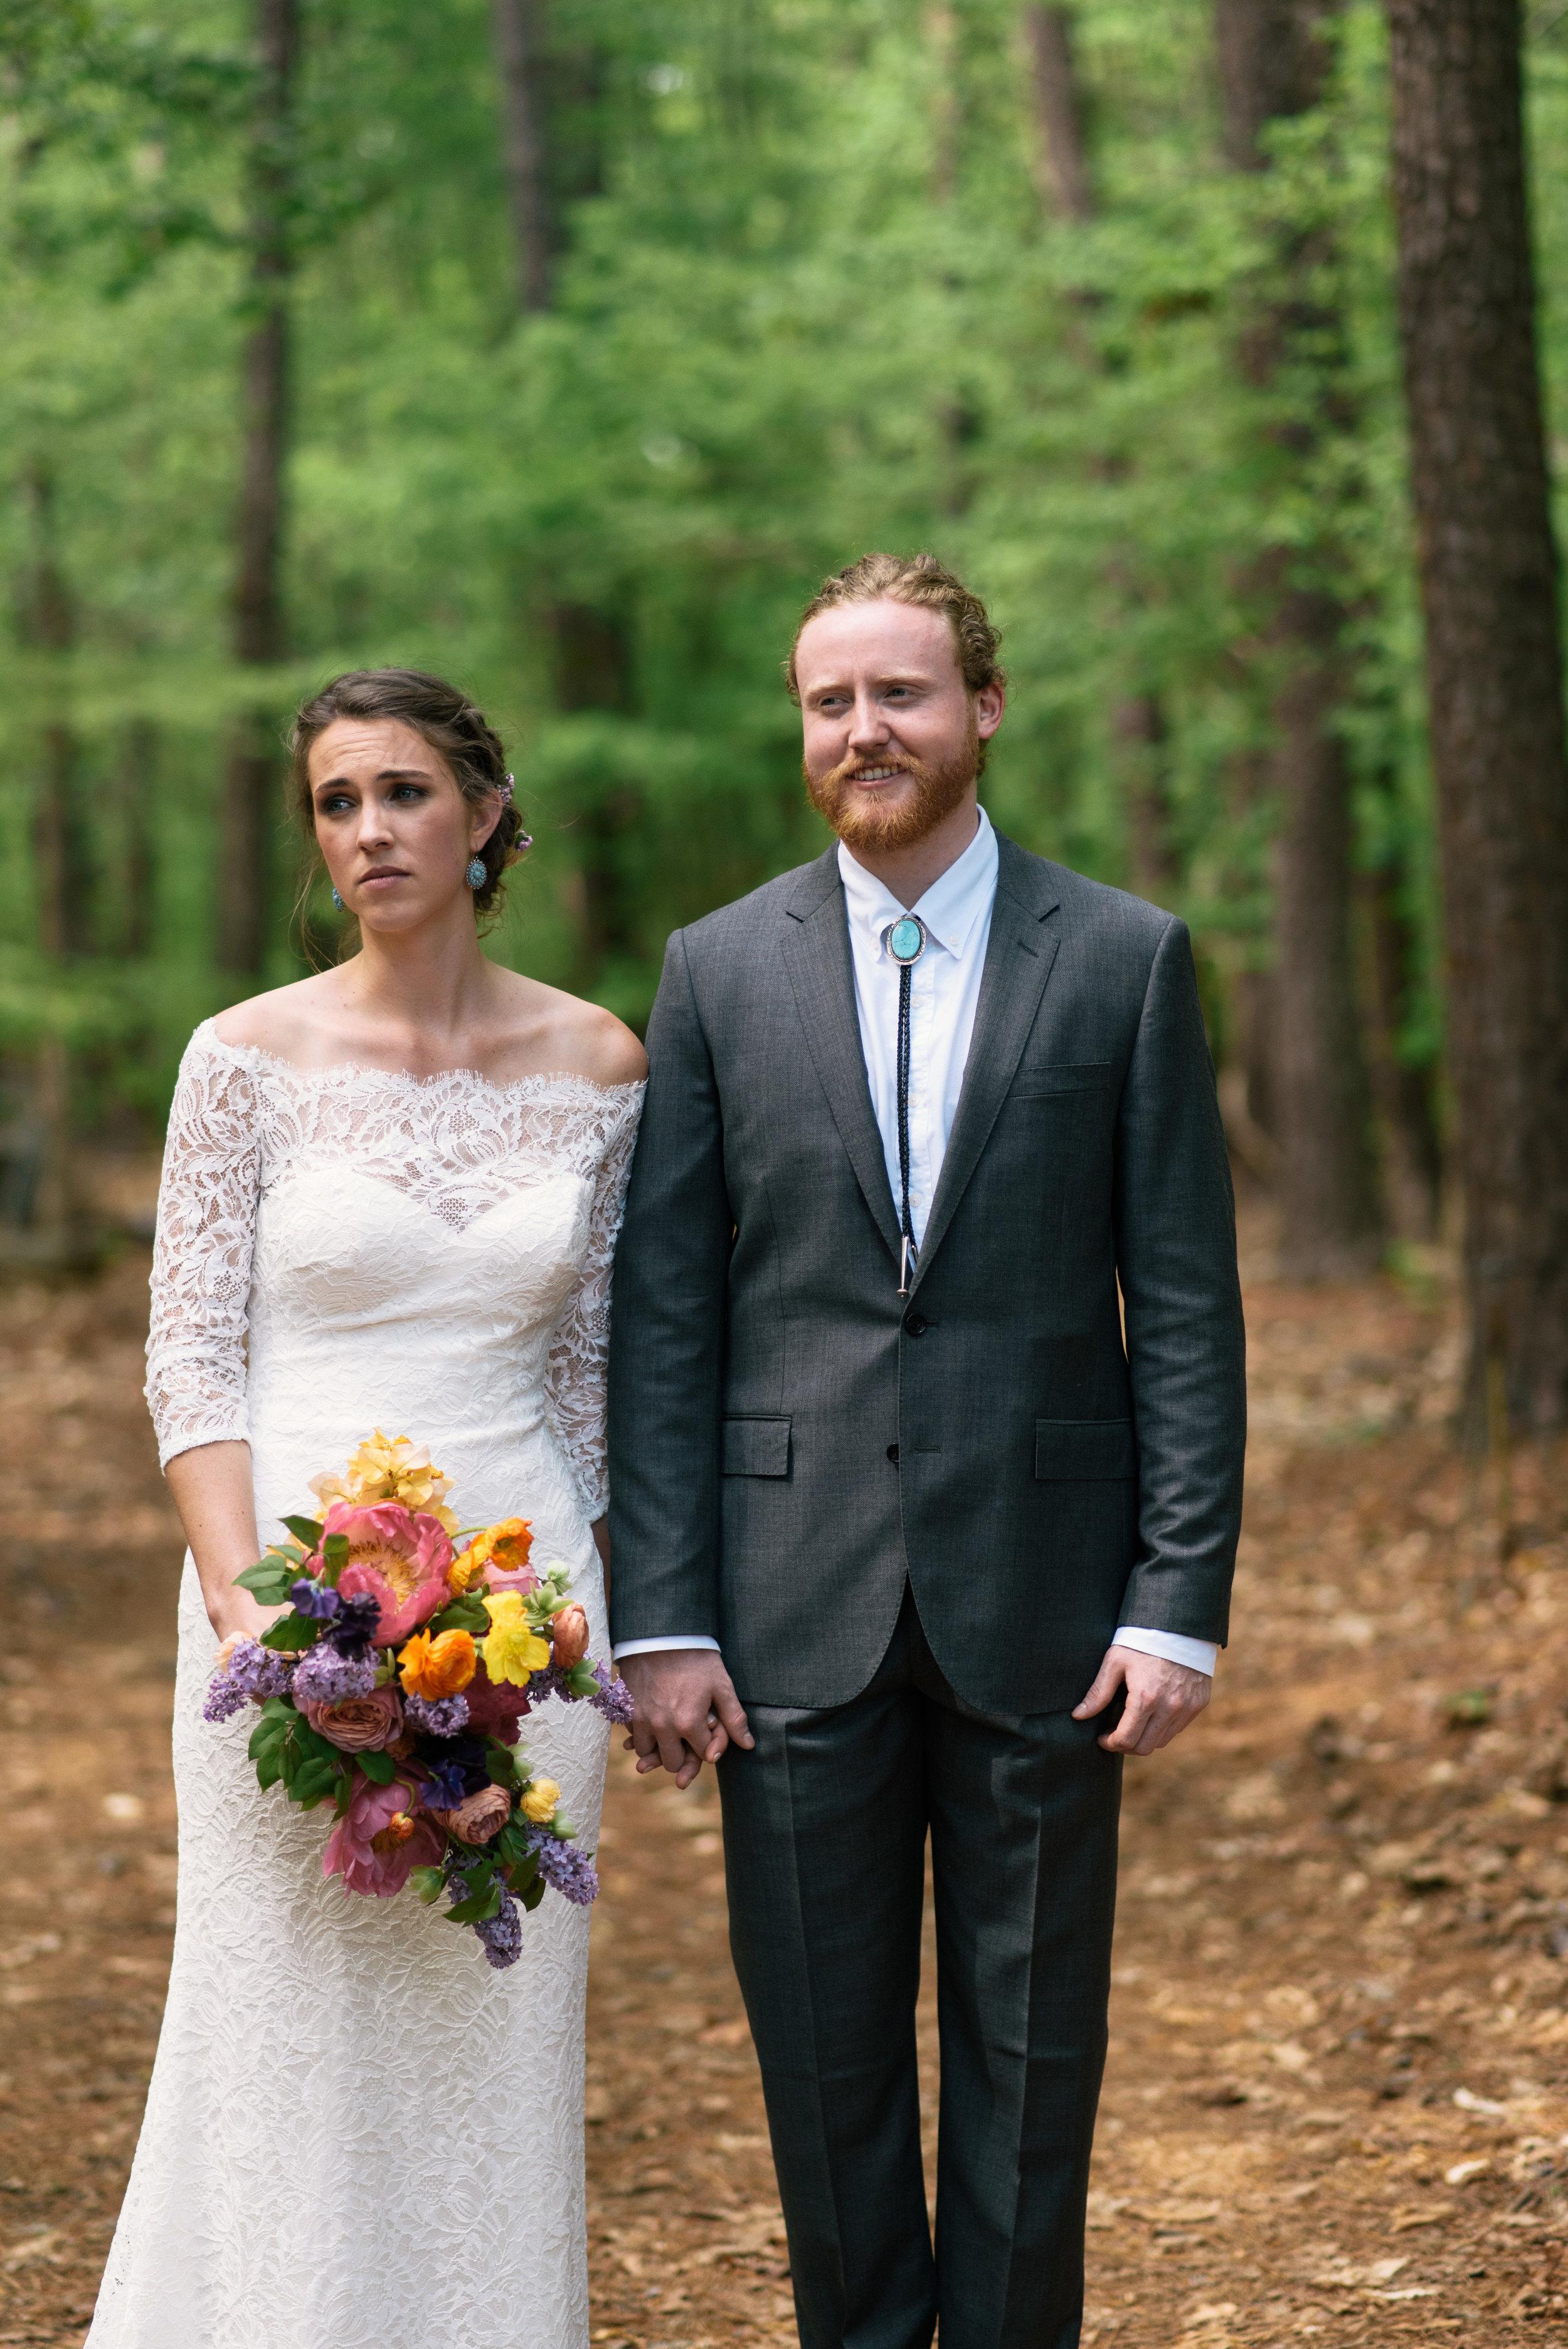 raleigh-elopement-photographer-raleigh-durham-wedding-maddie-and-devin- (27 of 162).jpg